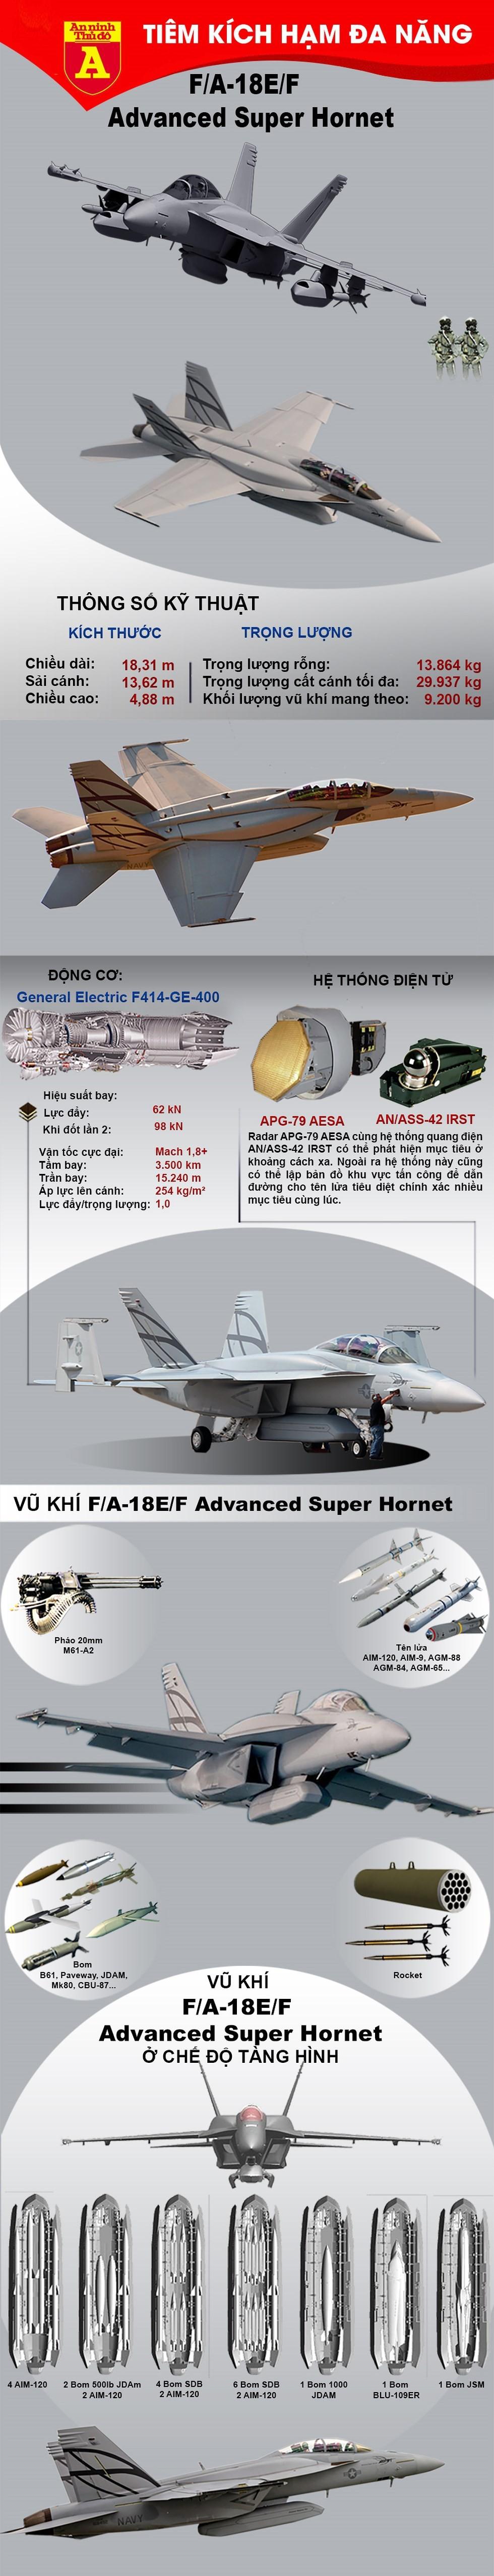 [Info] Thêm tính năng tàng hình cho F/A-18E/F, Mỹ tiếp tục bá chủ đòn đánh từ đại dương ảnh 2